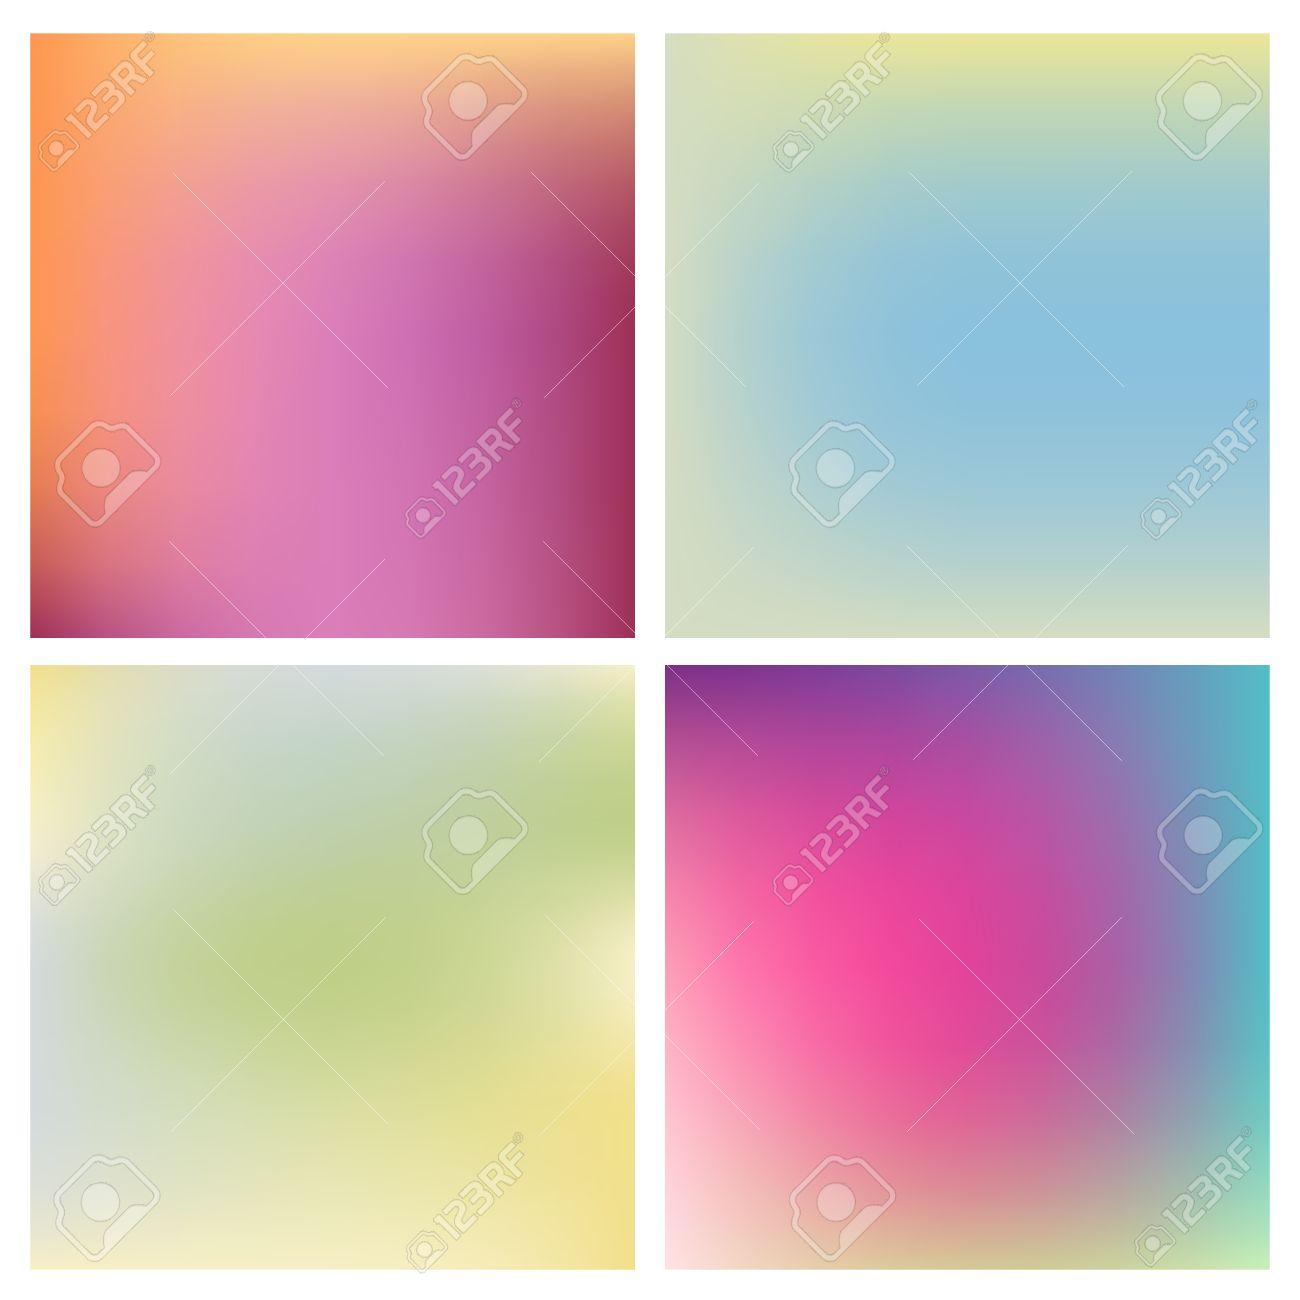 Ensemble de quatre beaux milieux floues différentes couleurs chaudes et  froides